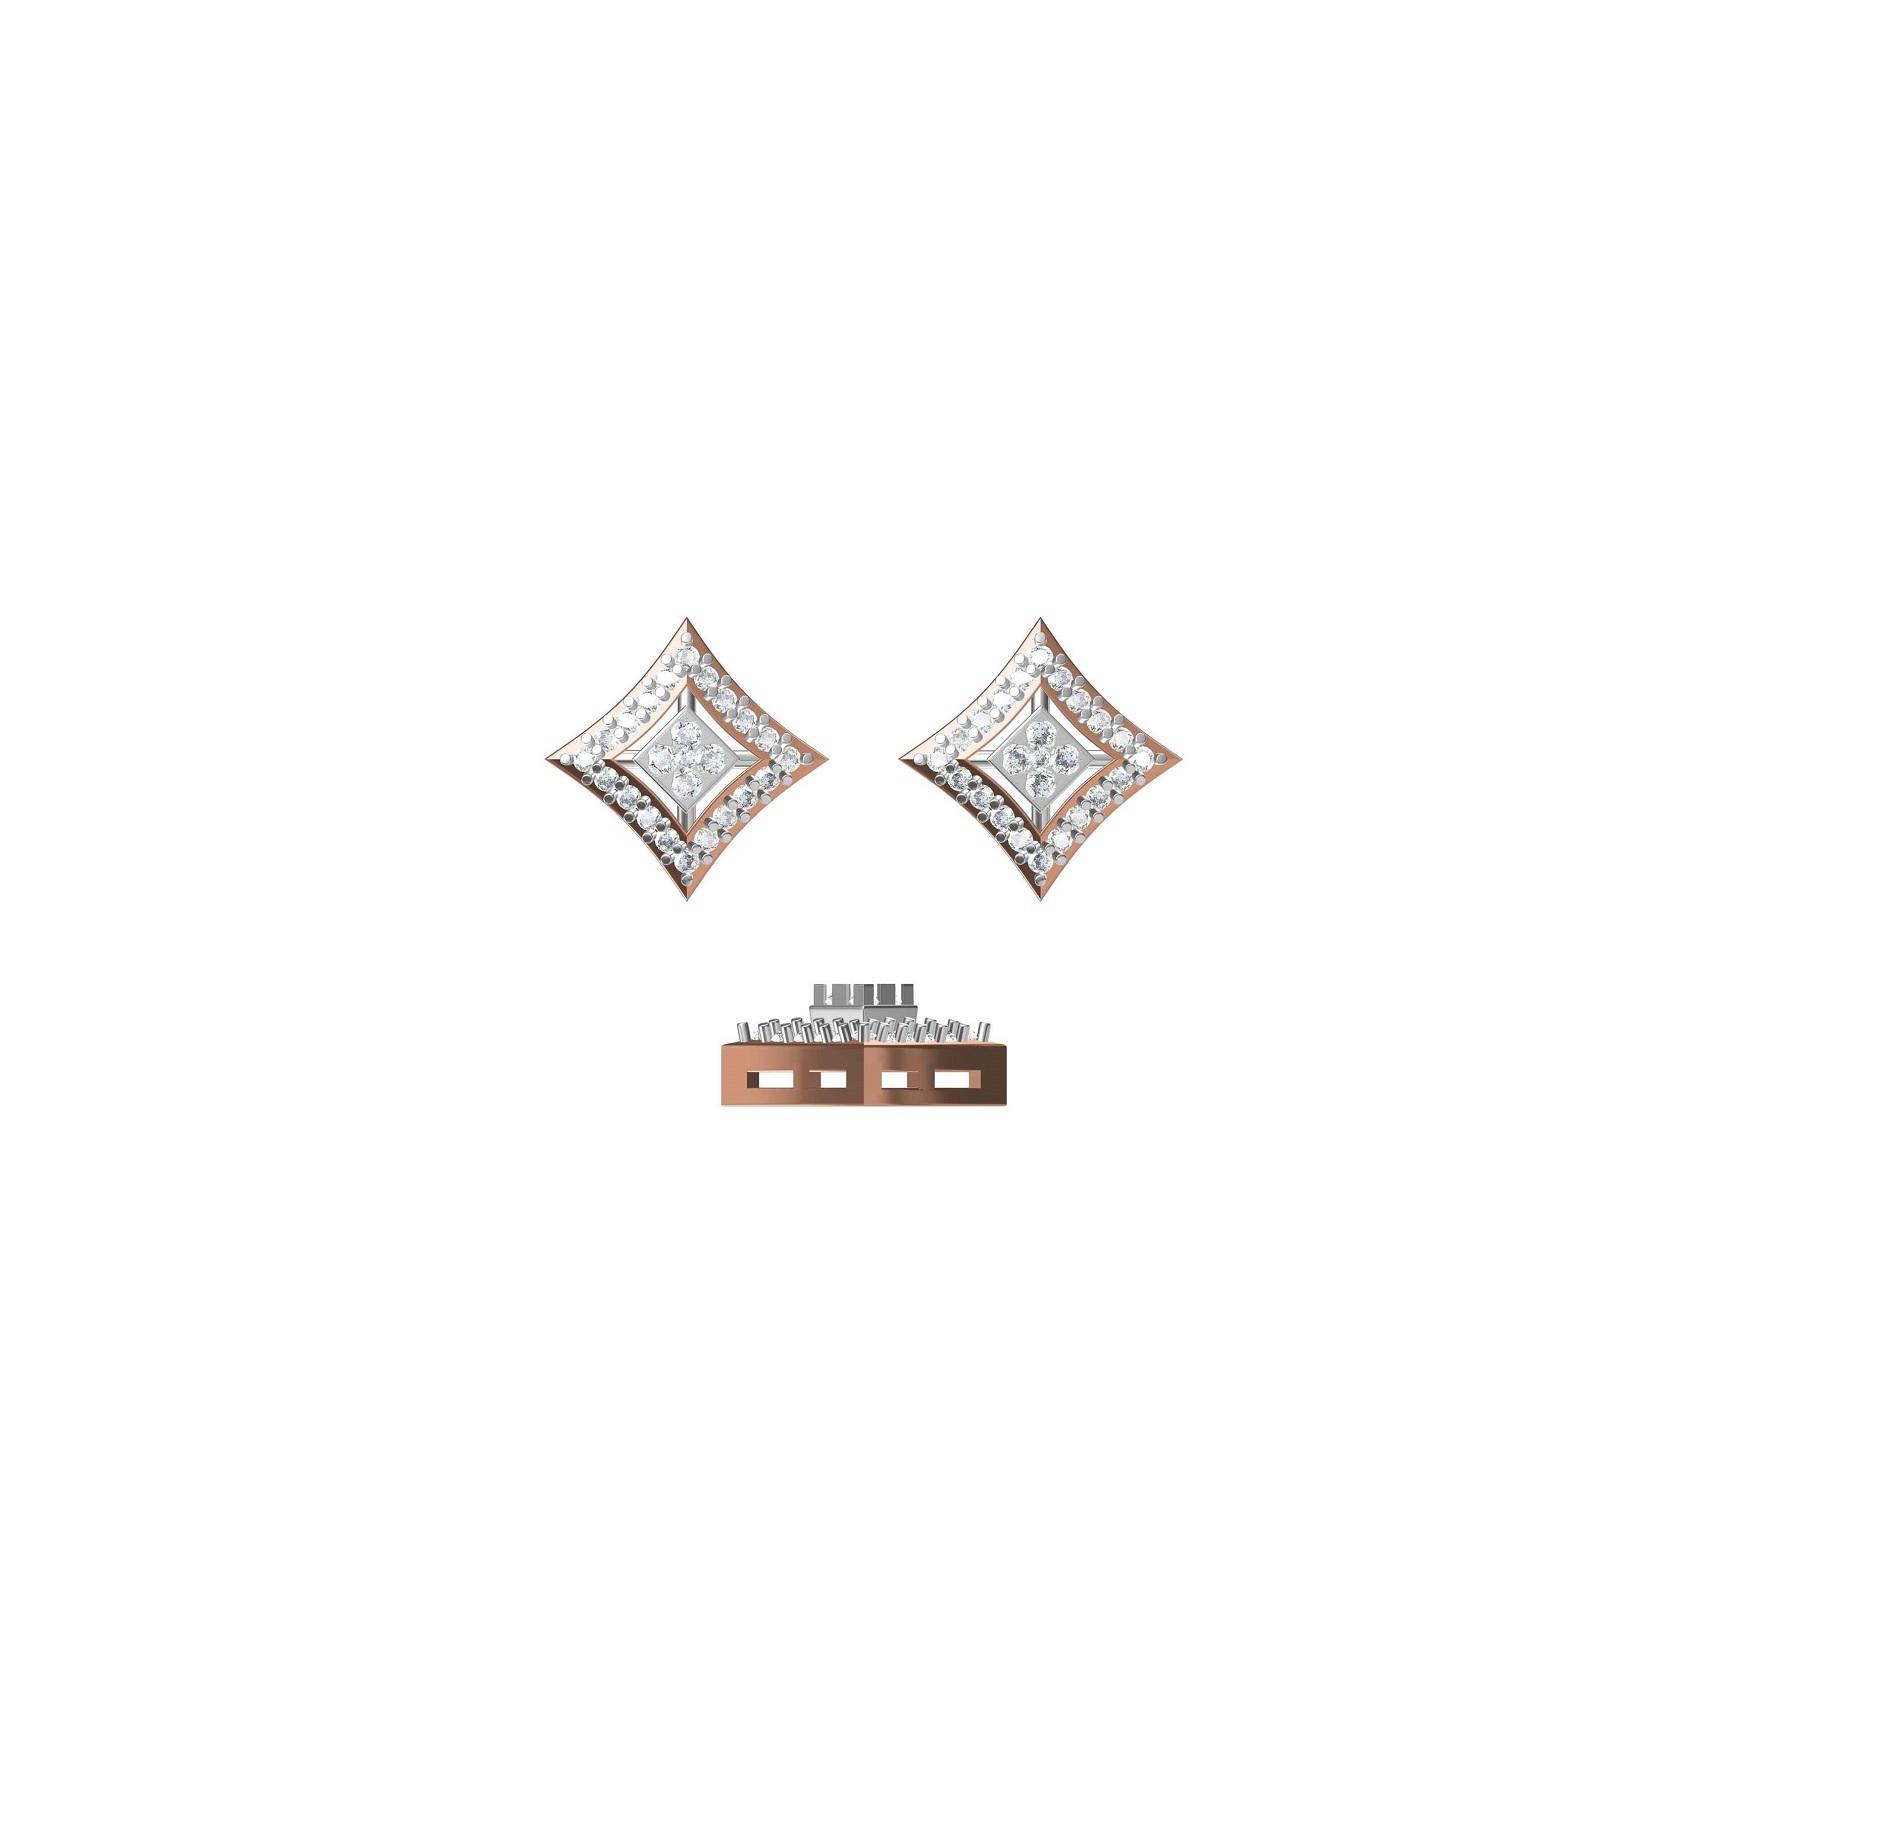 Diamond Earrings TCW 0.688 14K gold 4.8 gm